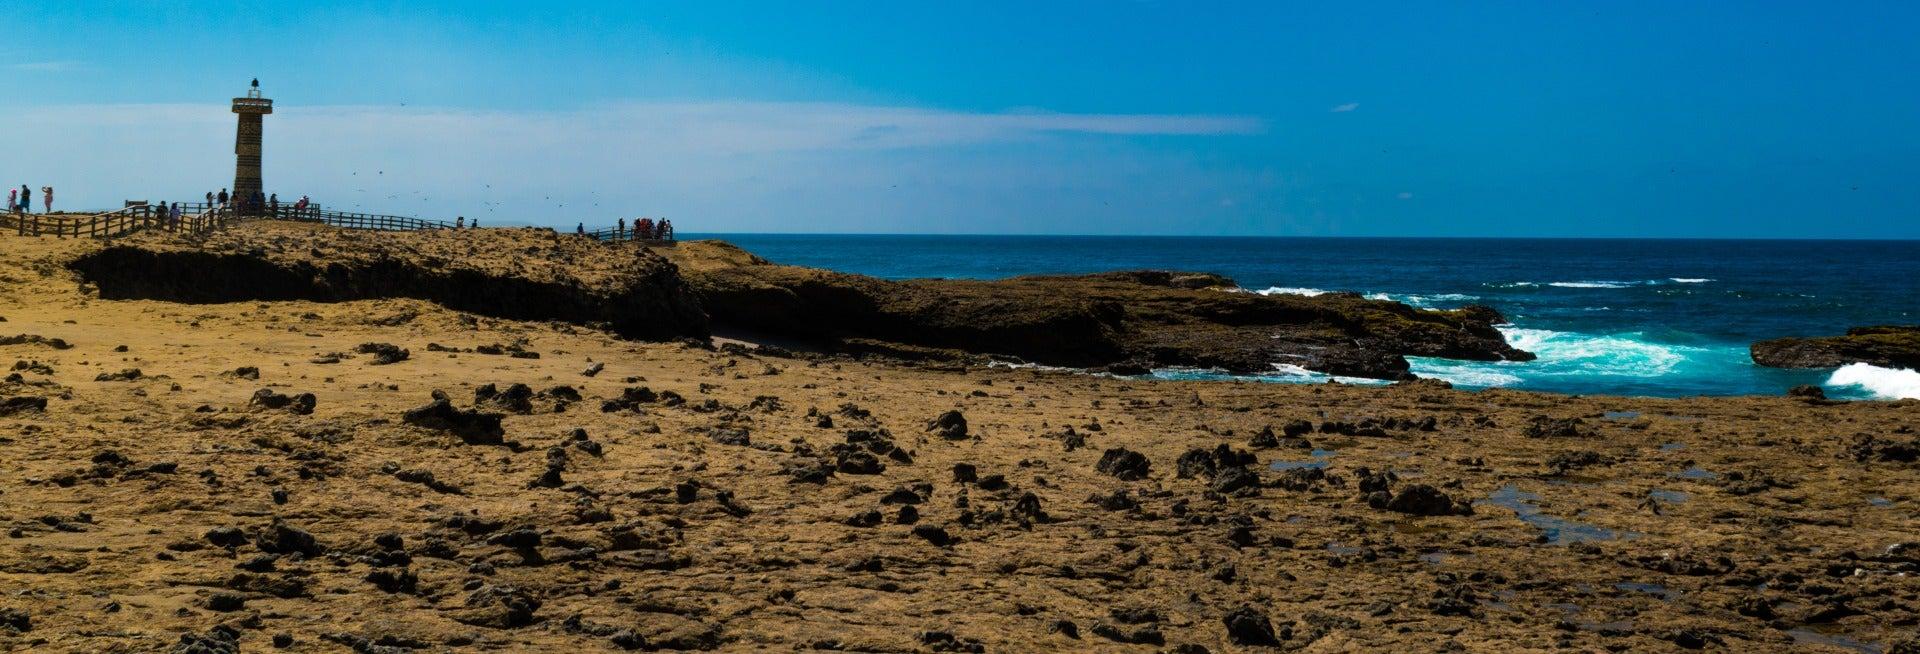 Excursión a Salinas y playa Ballenita